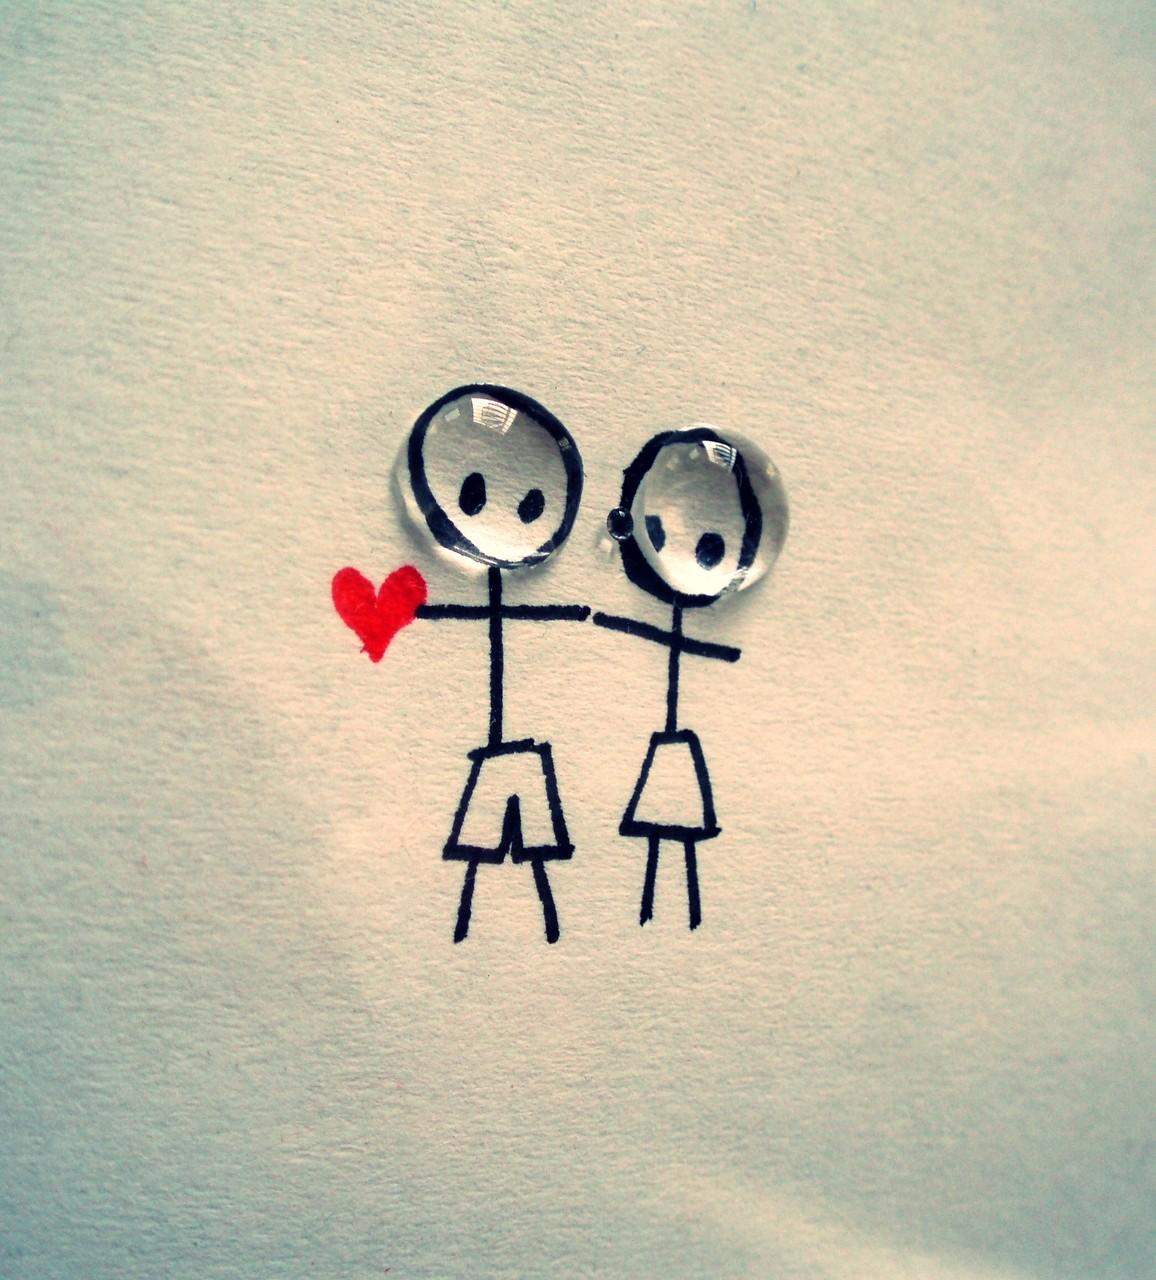 بالصور كيف اعرف انه يحبني وهو بعيد عني , شخص في دوله ثاينه يقول لكي احبك فحذري 1336 2